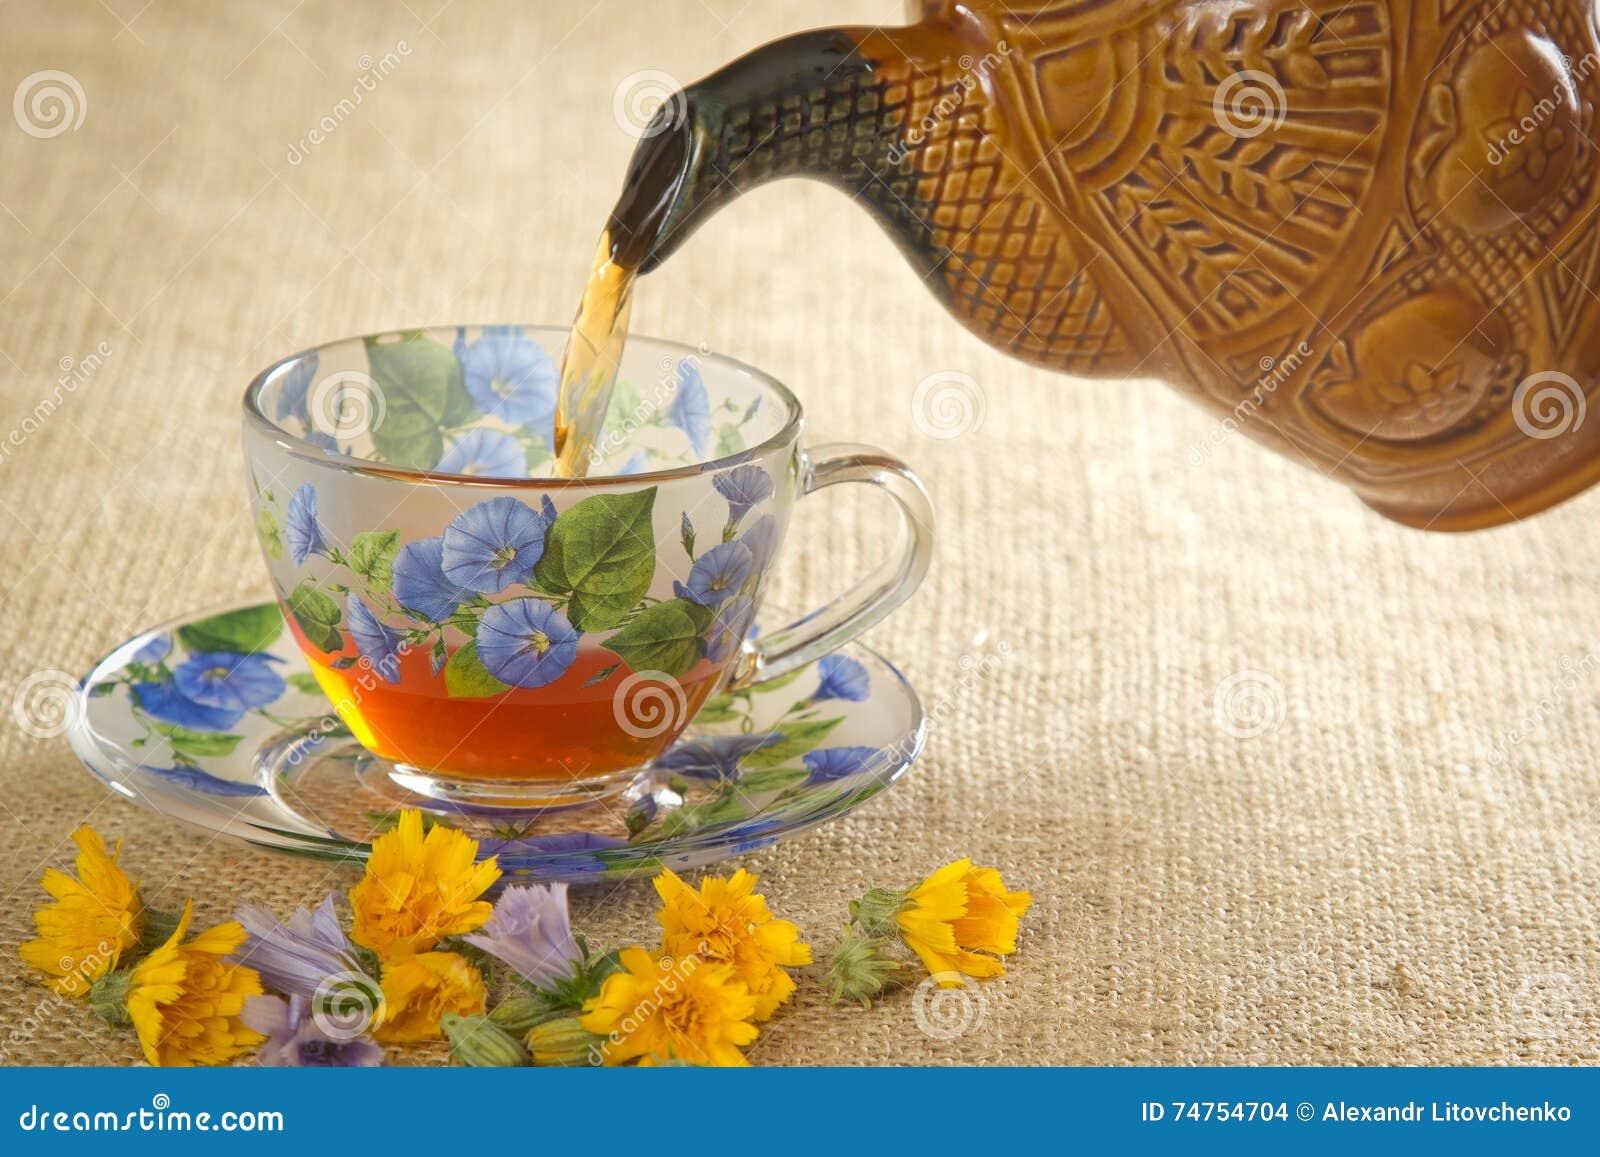 Vierta el té en una taza de la caldera